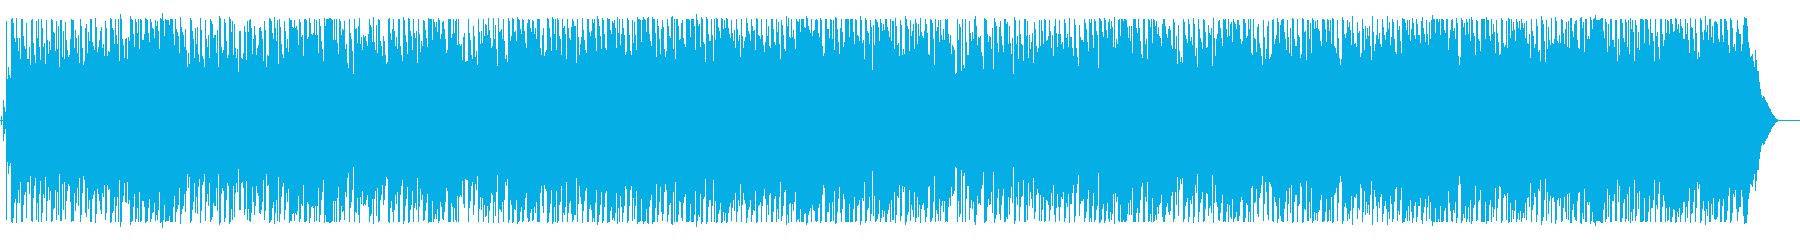 しとやかで広がりのある癒しのBGMの再生済みの波形